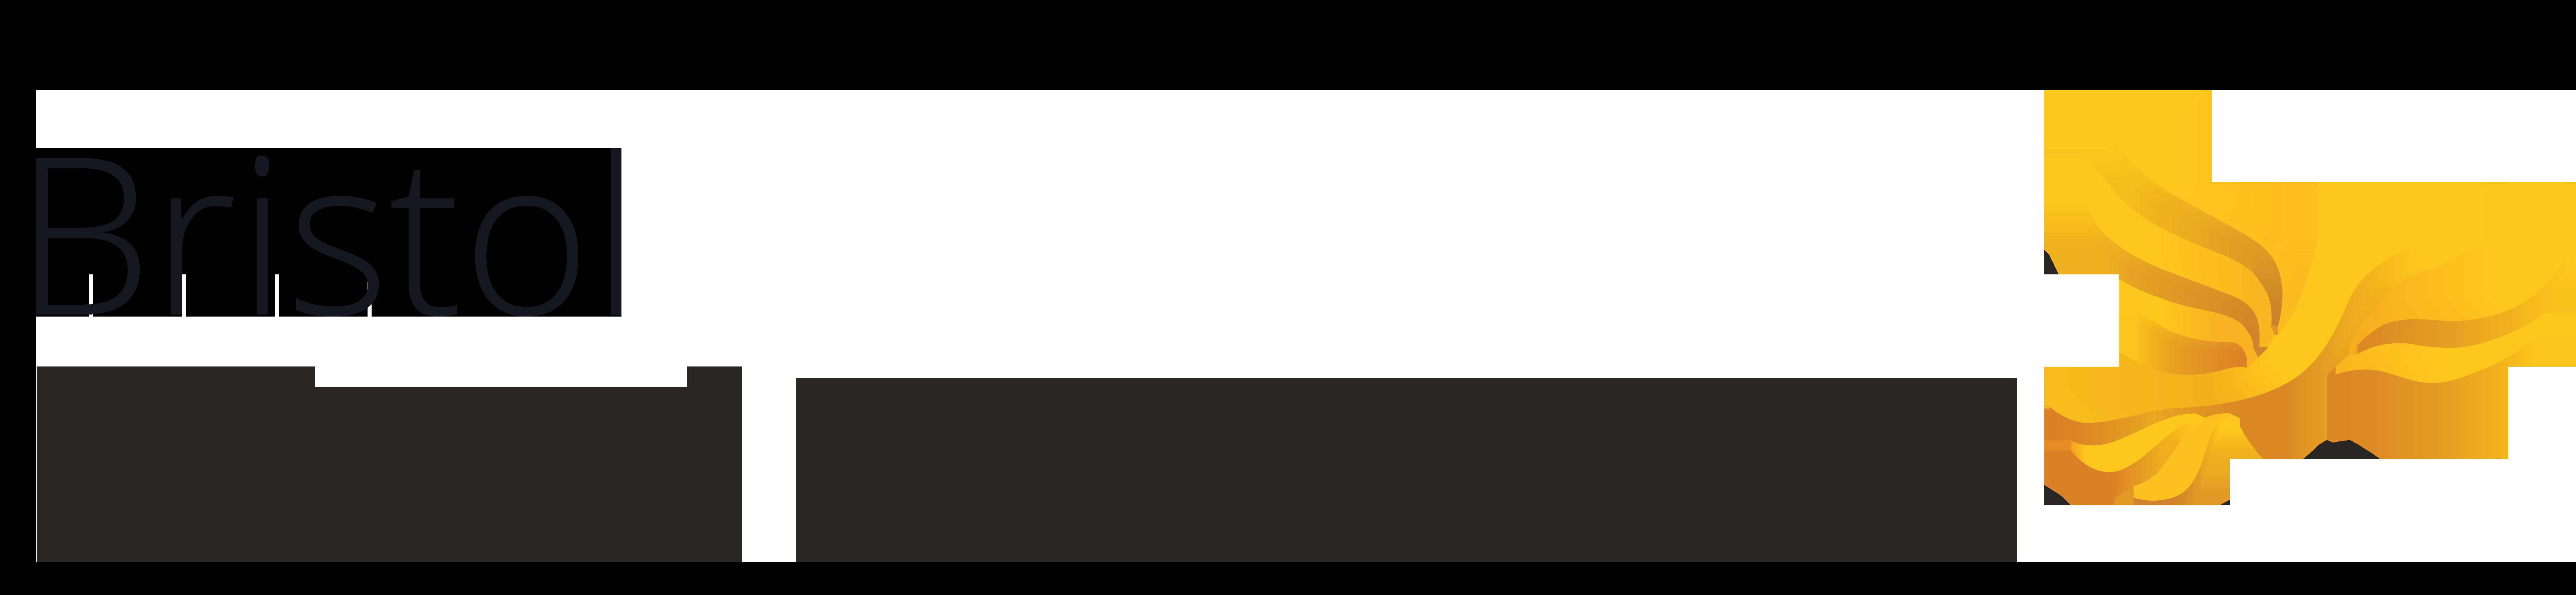 Bristol Liberal Democrats